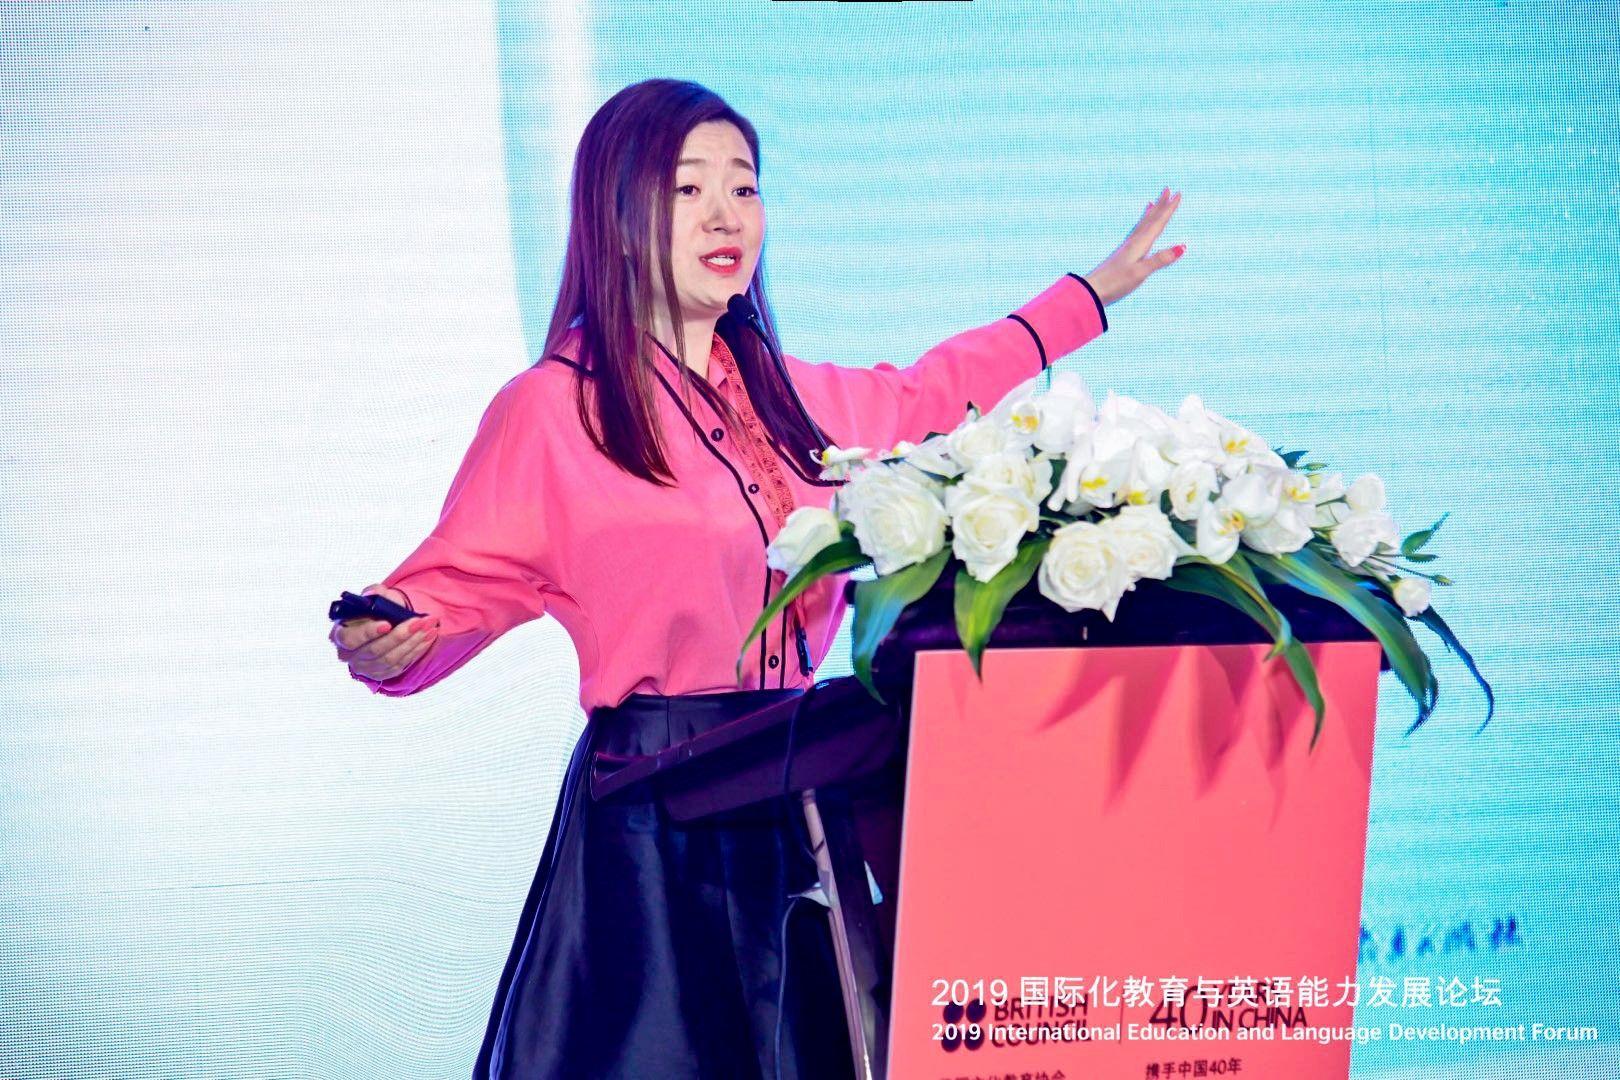 雅思官方举办权威论坛,土豆教育创始人刘薇受邀进行主旨发言